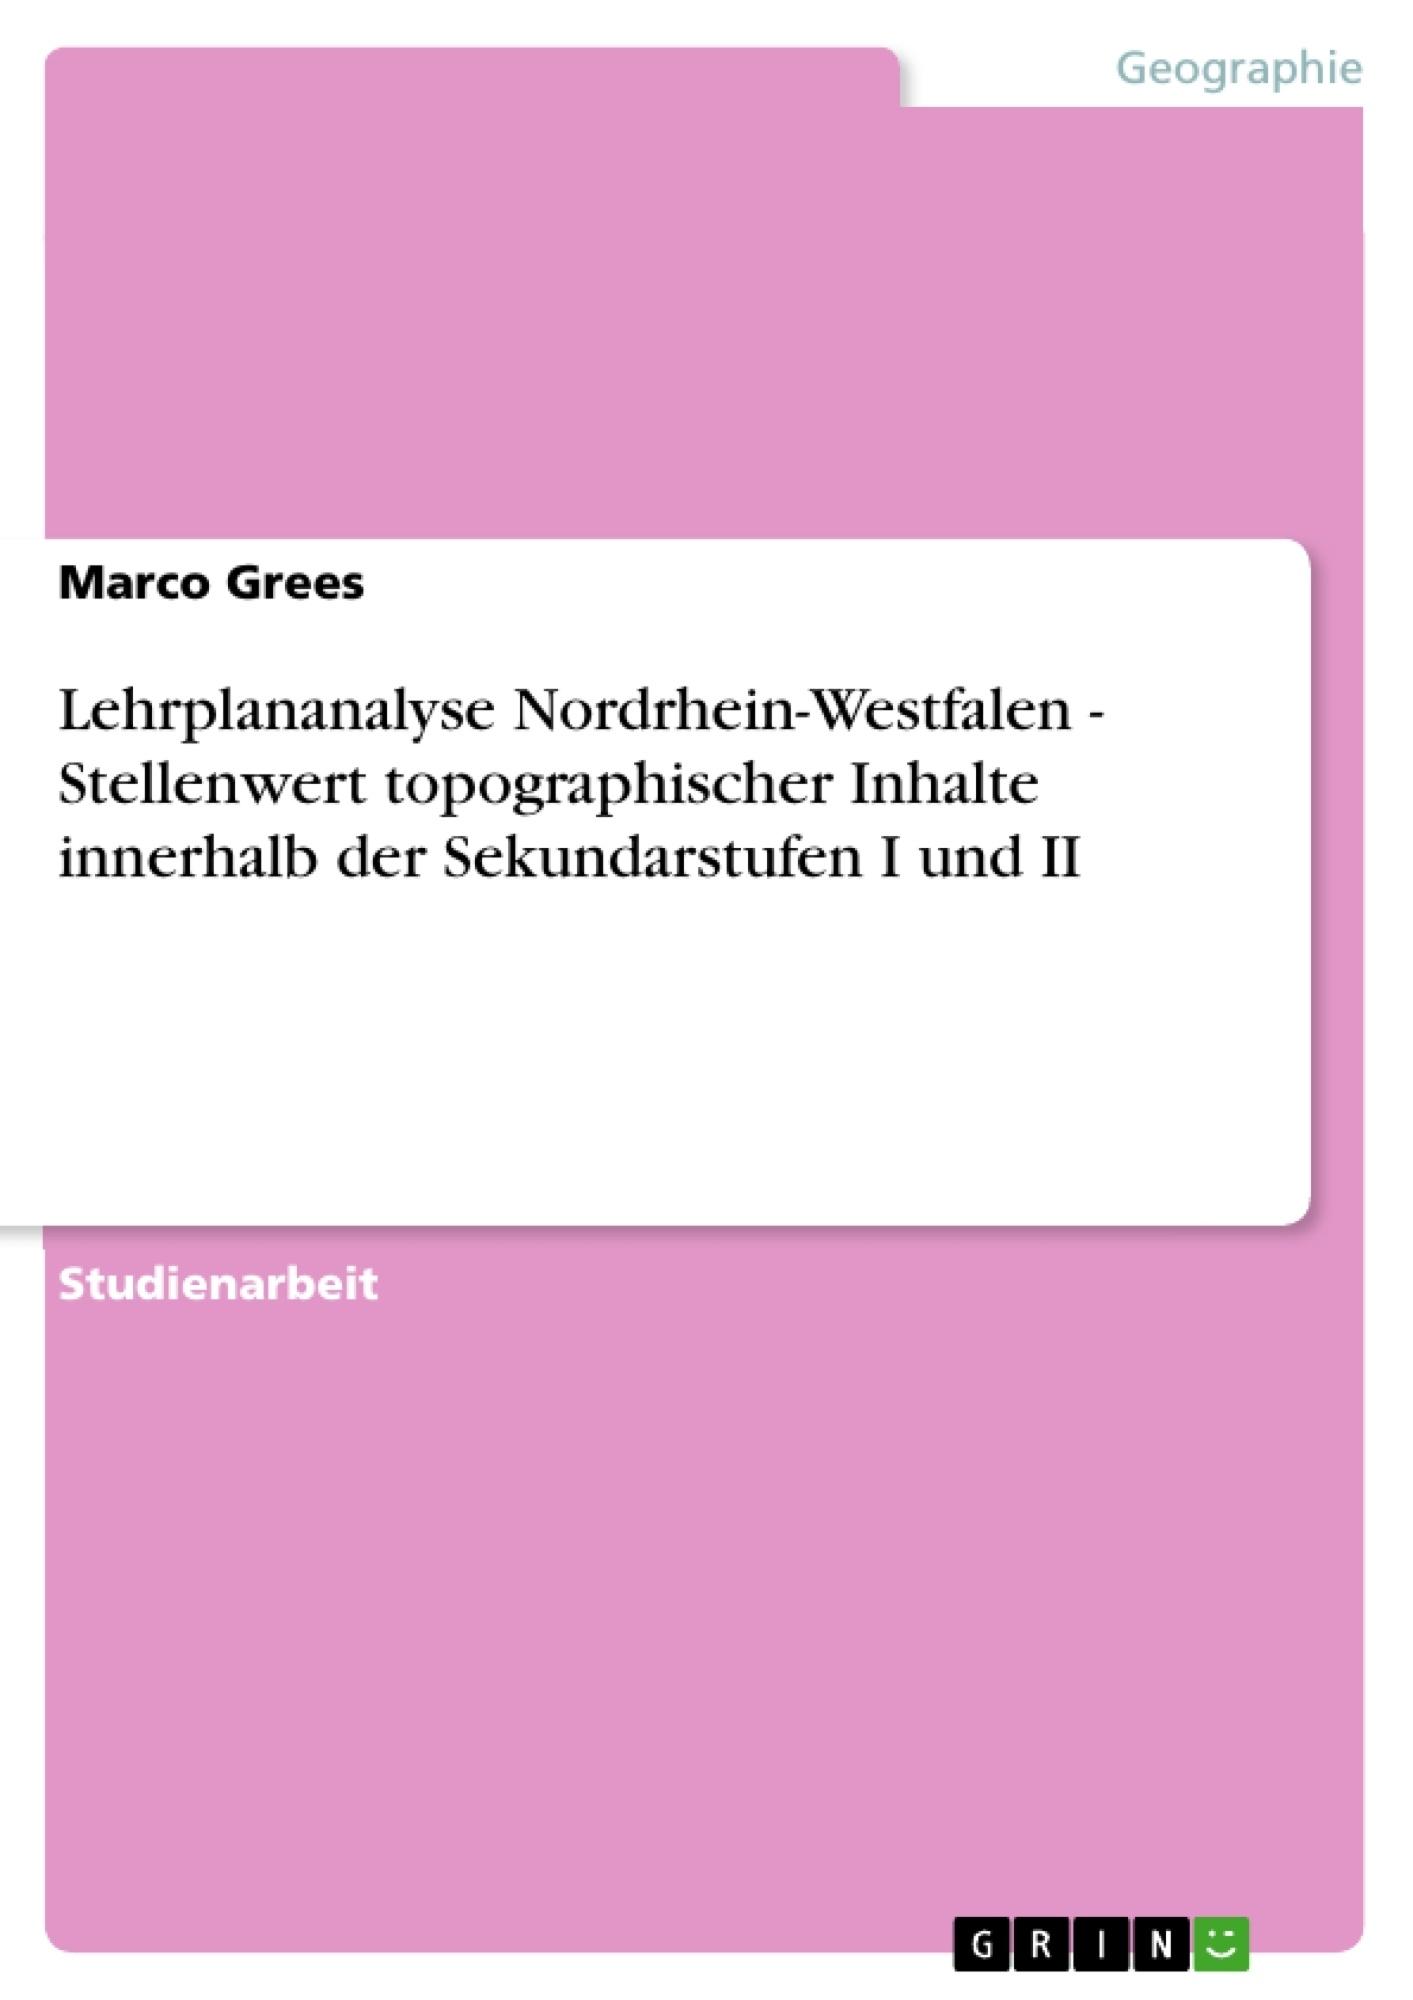 Titel: Lehrplananalyse Nordrhein-Westfalen - Stellenwert topographischer Inhalte innerhalb der Sekundarstufen I und II